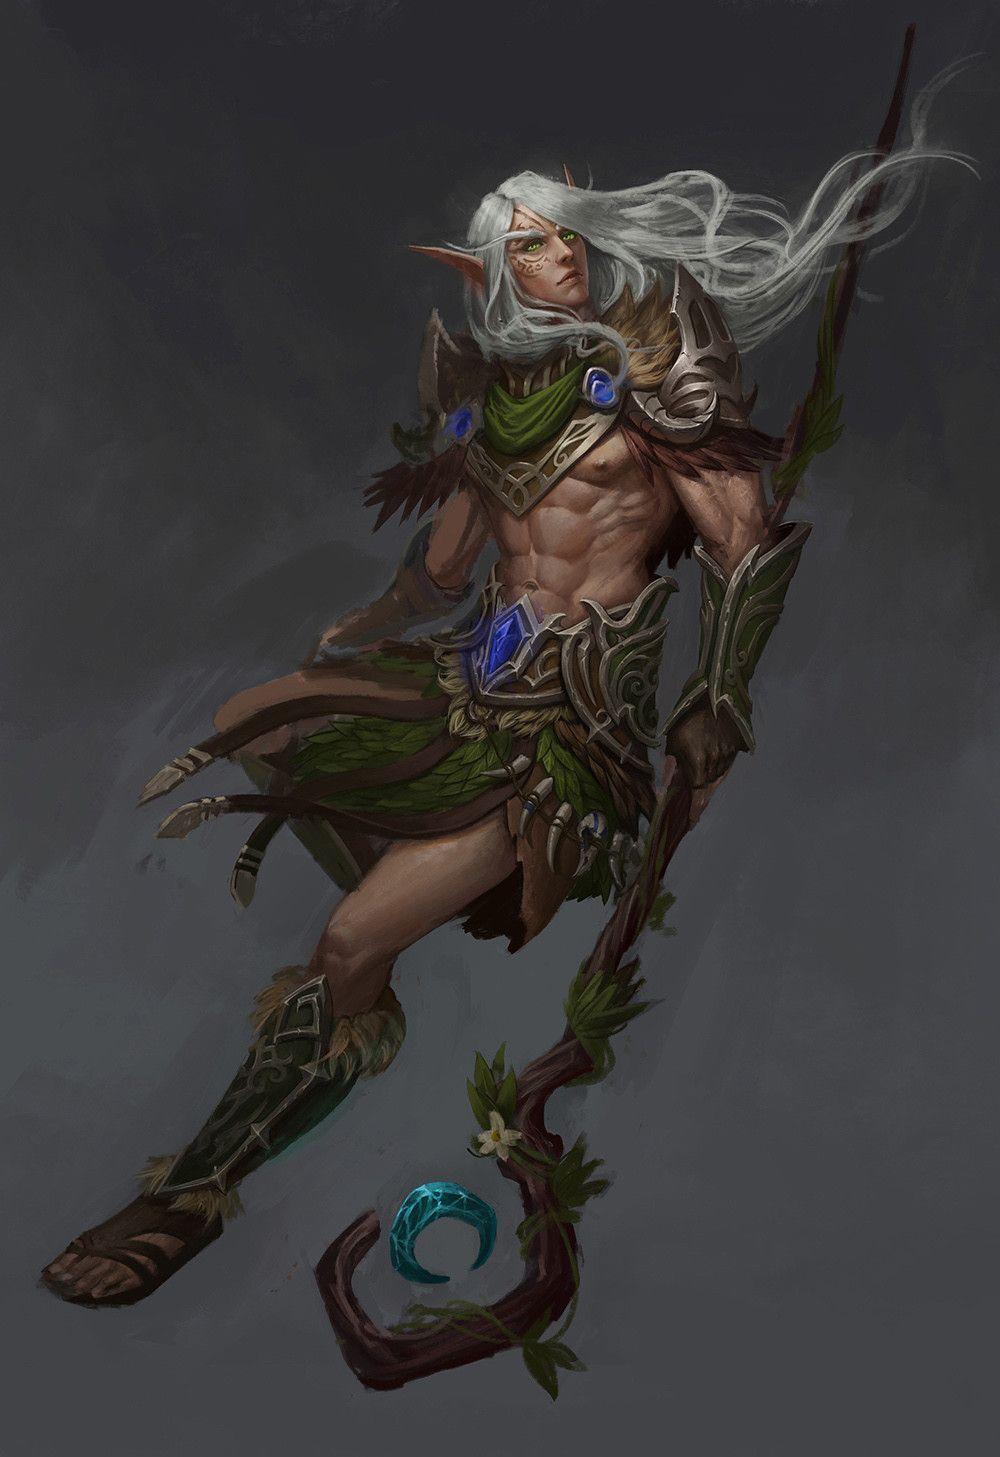 Image Result For Wood Elf Druid Female Fantasy Art 5